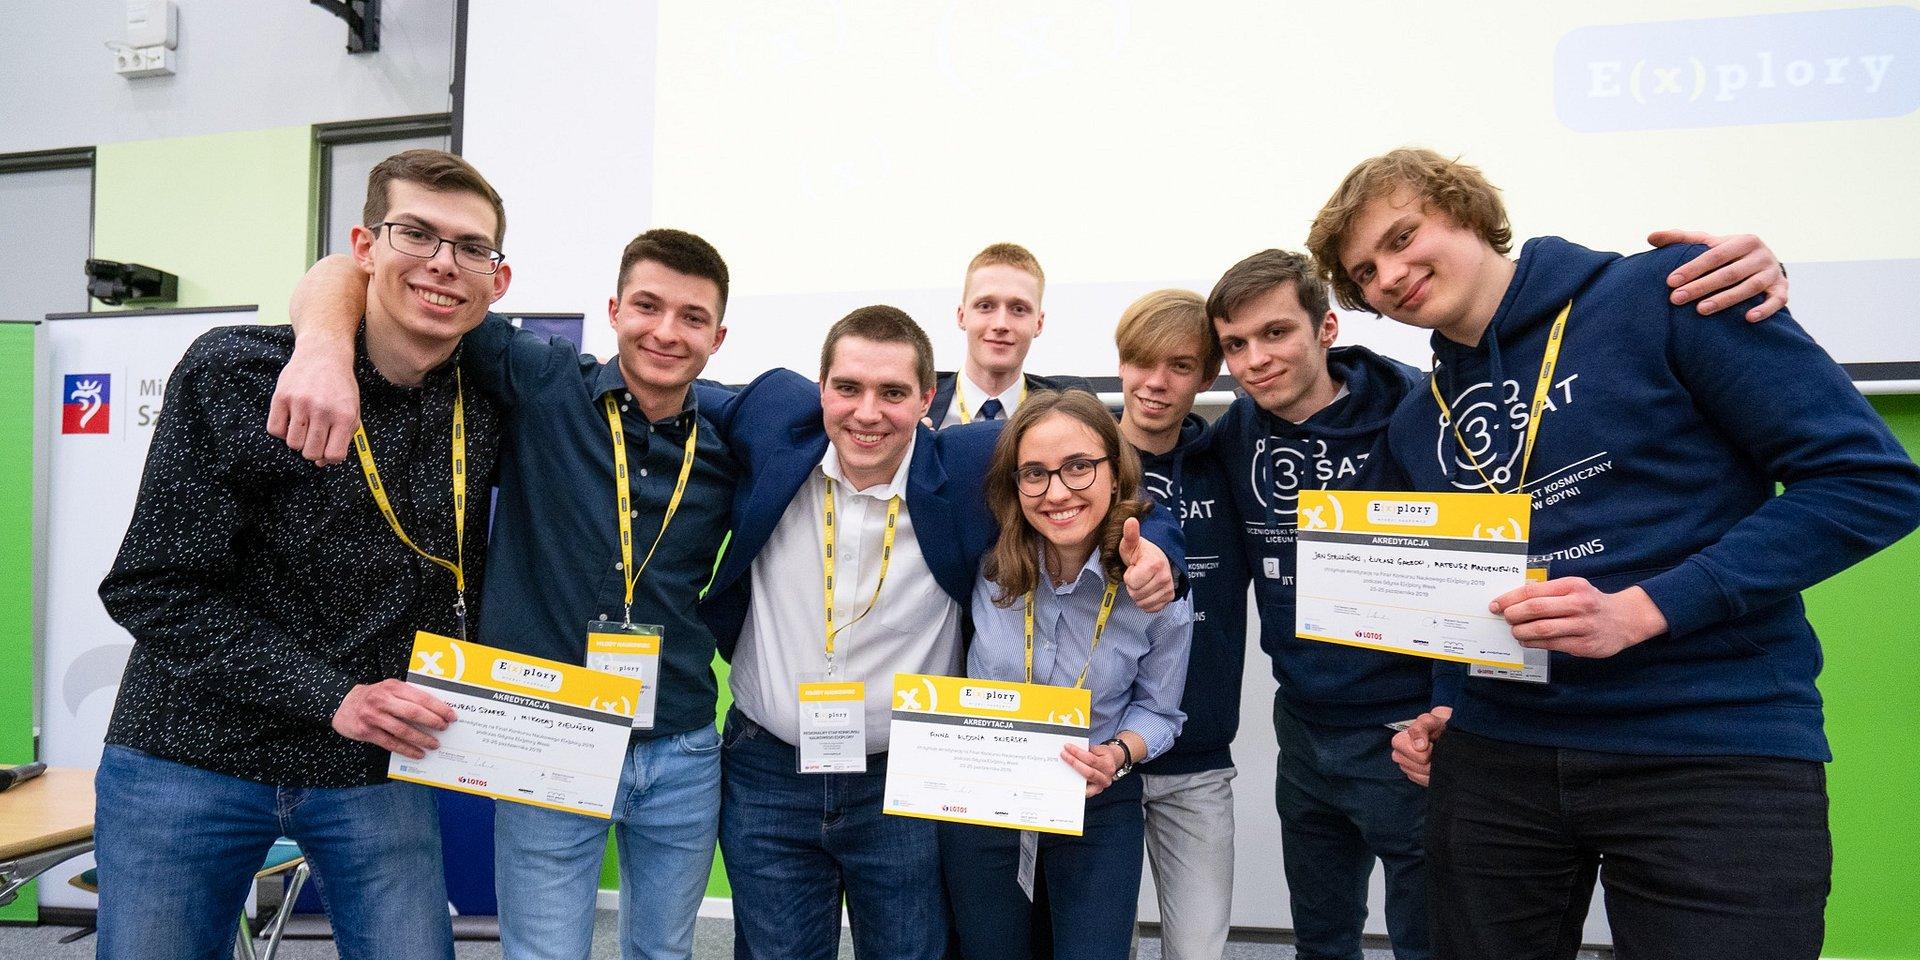 Znamy finalistów regionalnego etapu Konkursu Naukowego E(x)plory w Szczecinie!